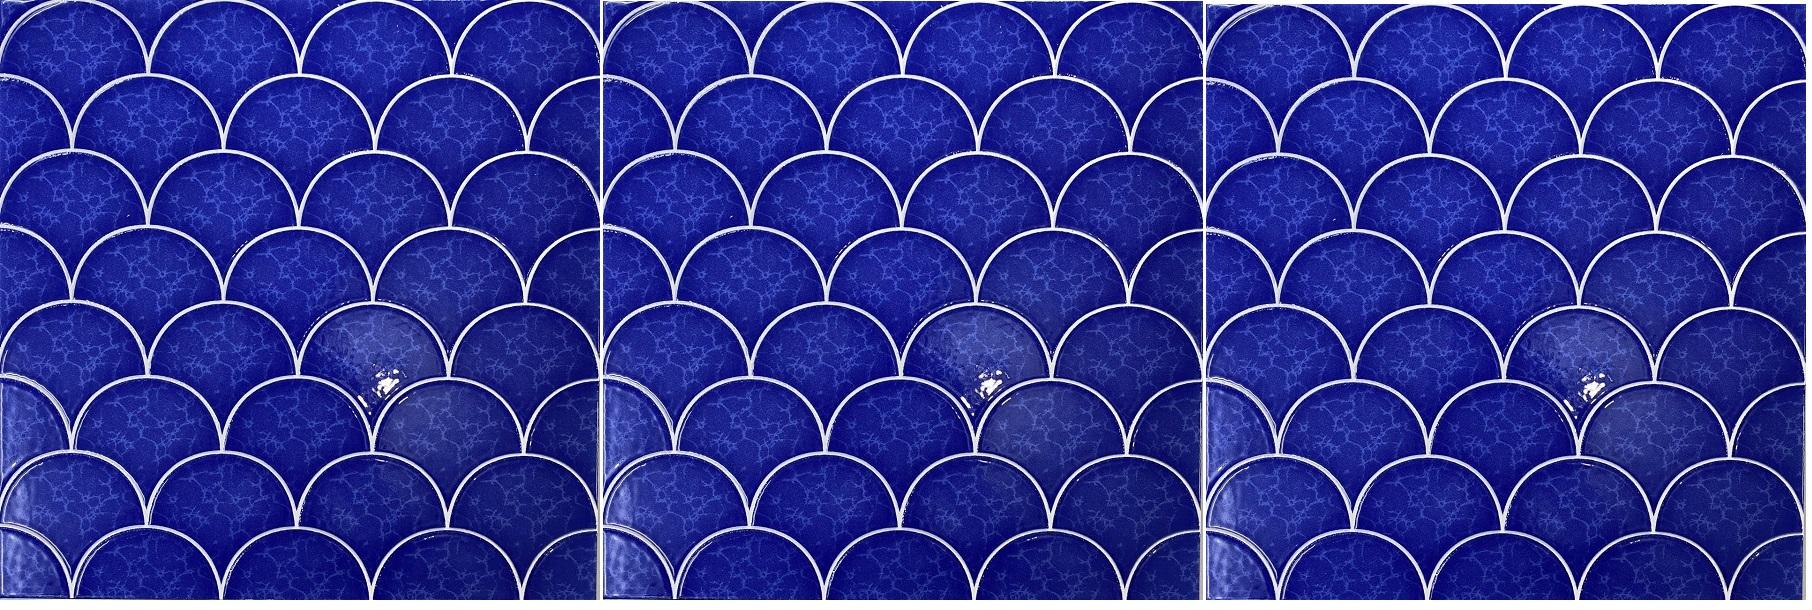 su dung gach mosaic hình vay ca 30x30 cm